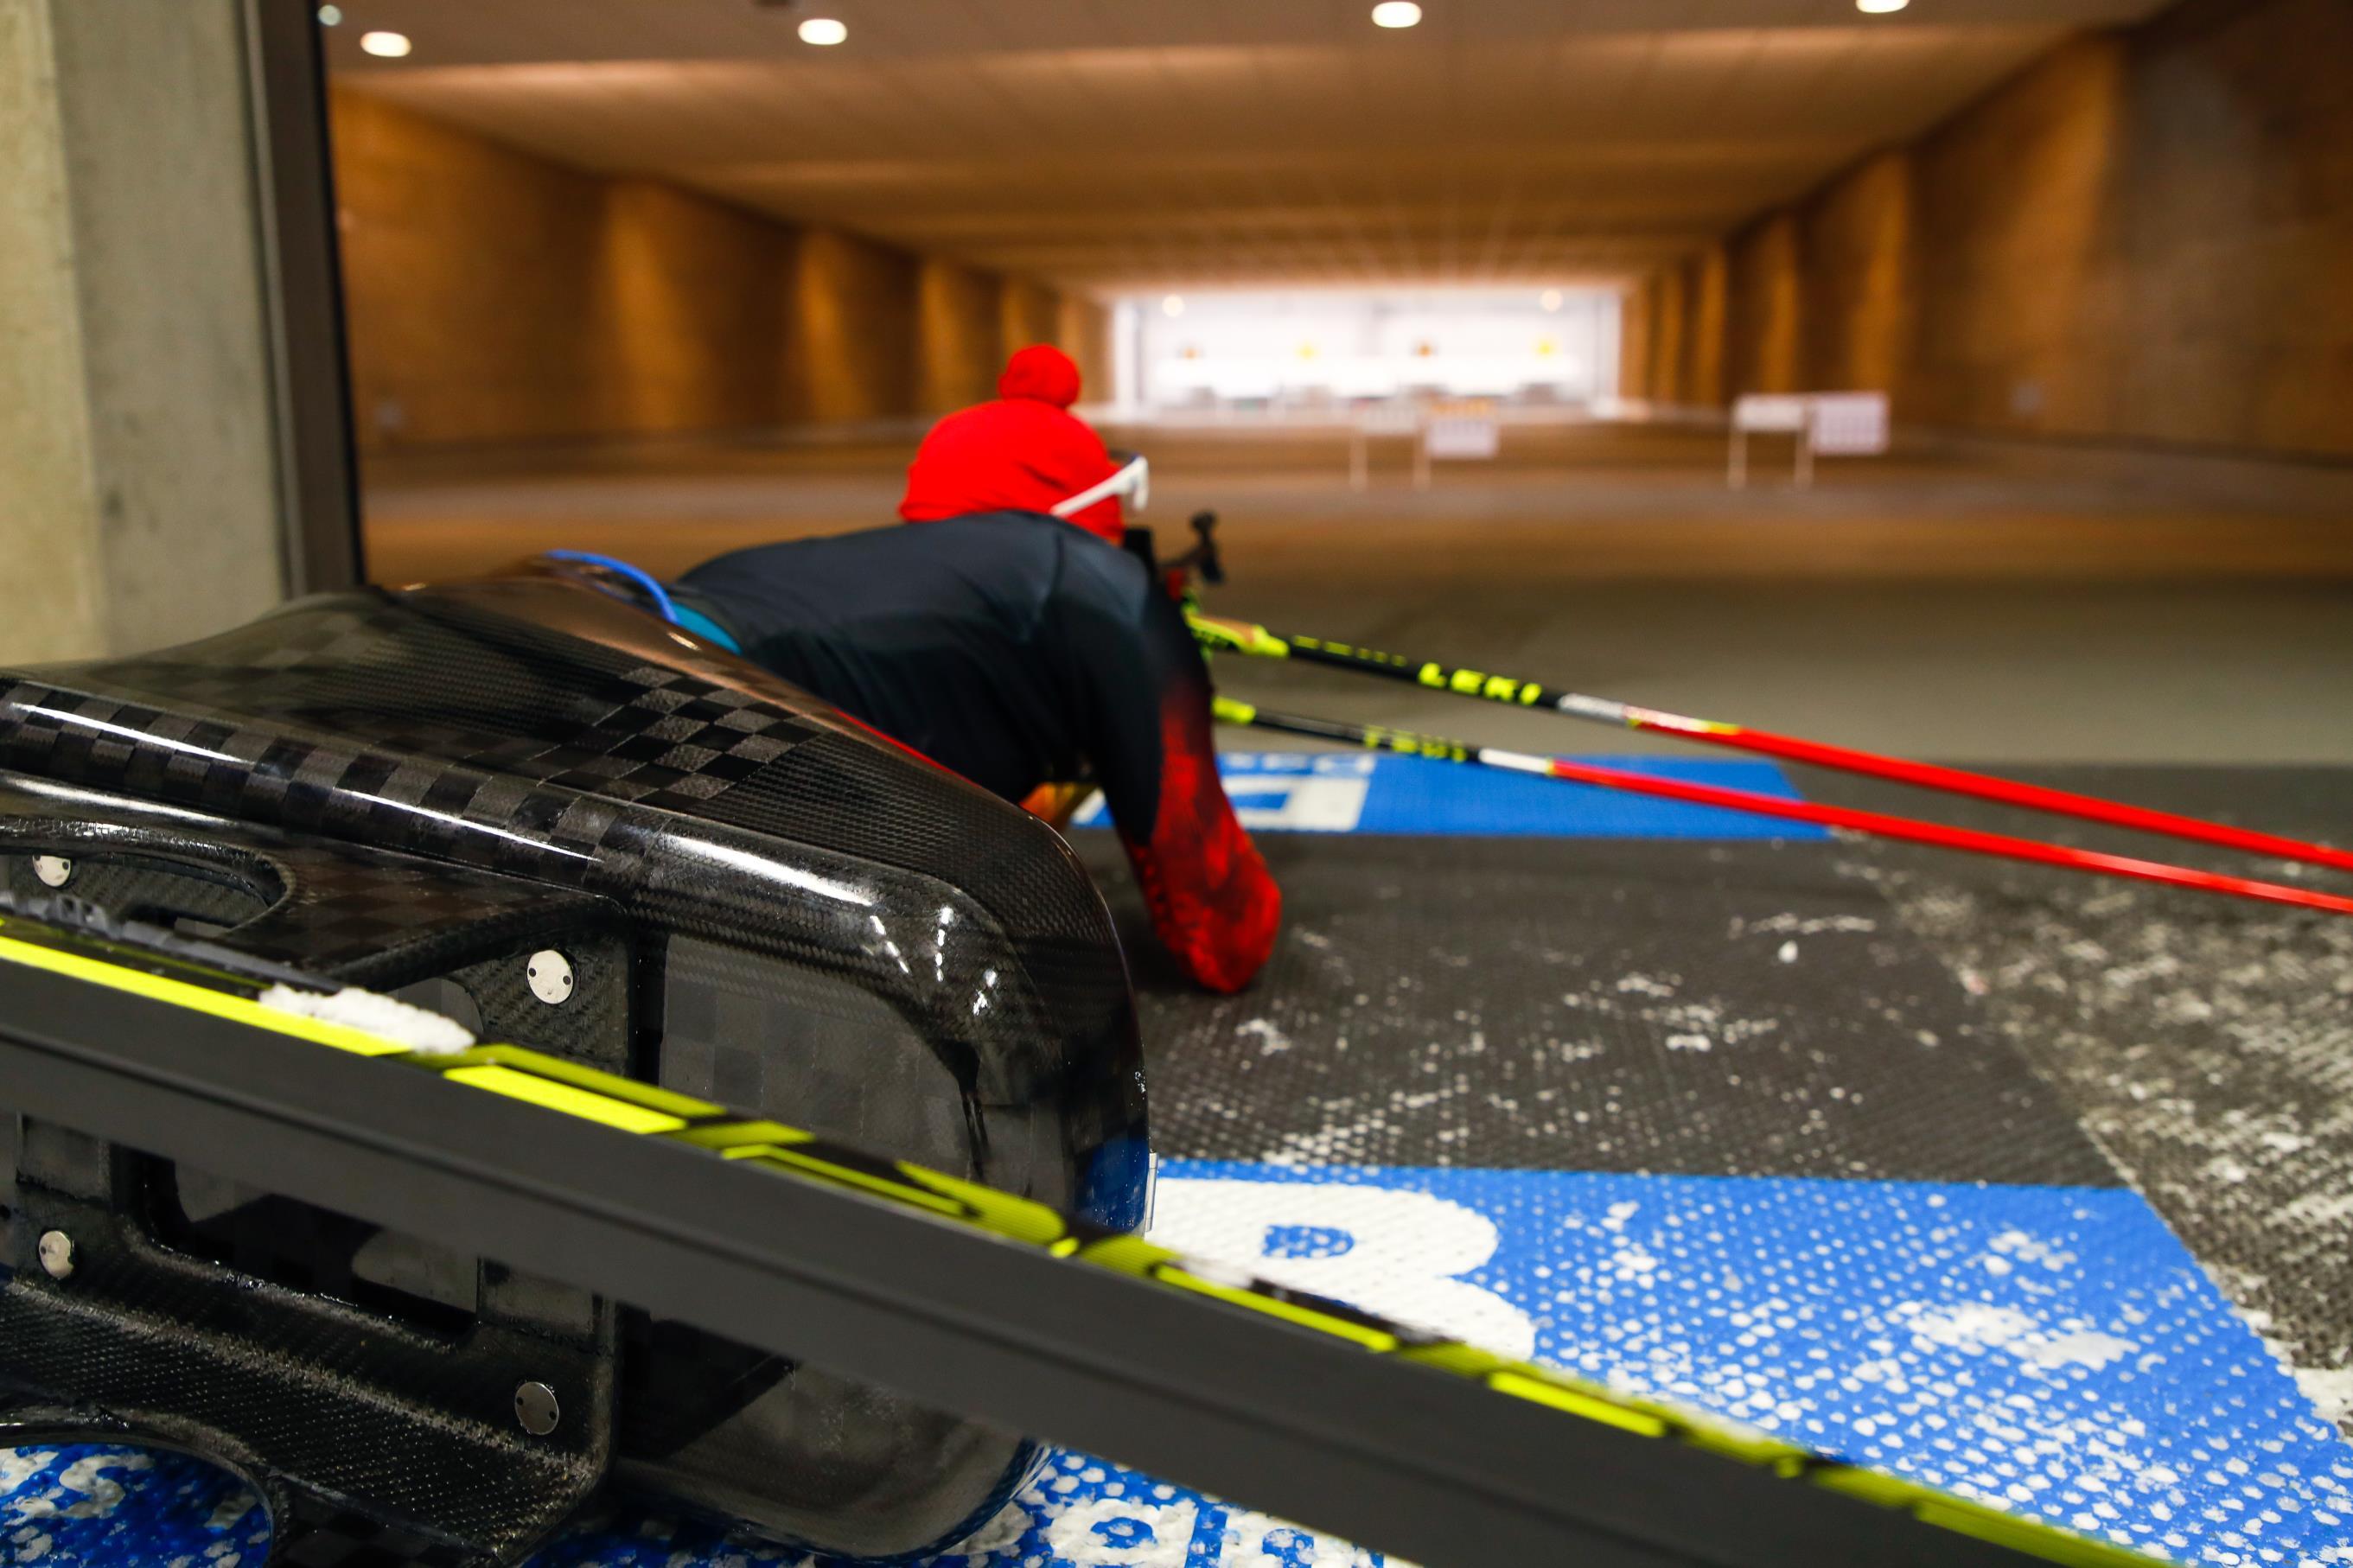 TOYOTA Motorsport GmbH fabrica un trineo de esquí para Andrea Eskau